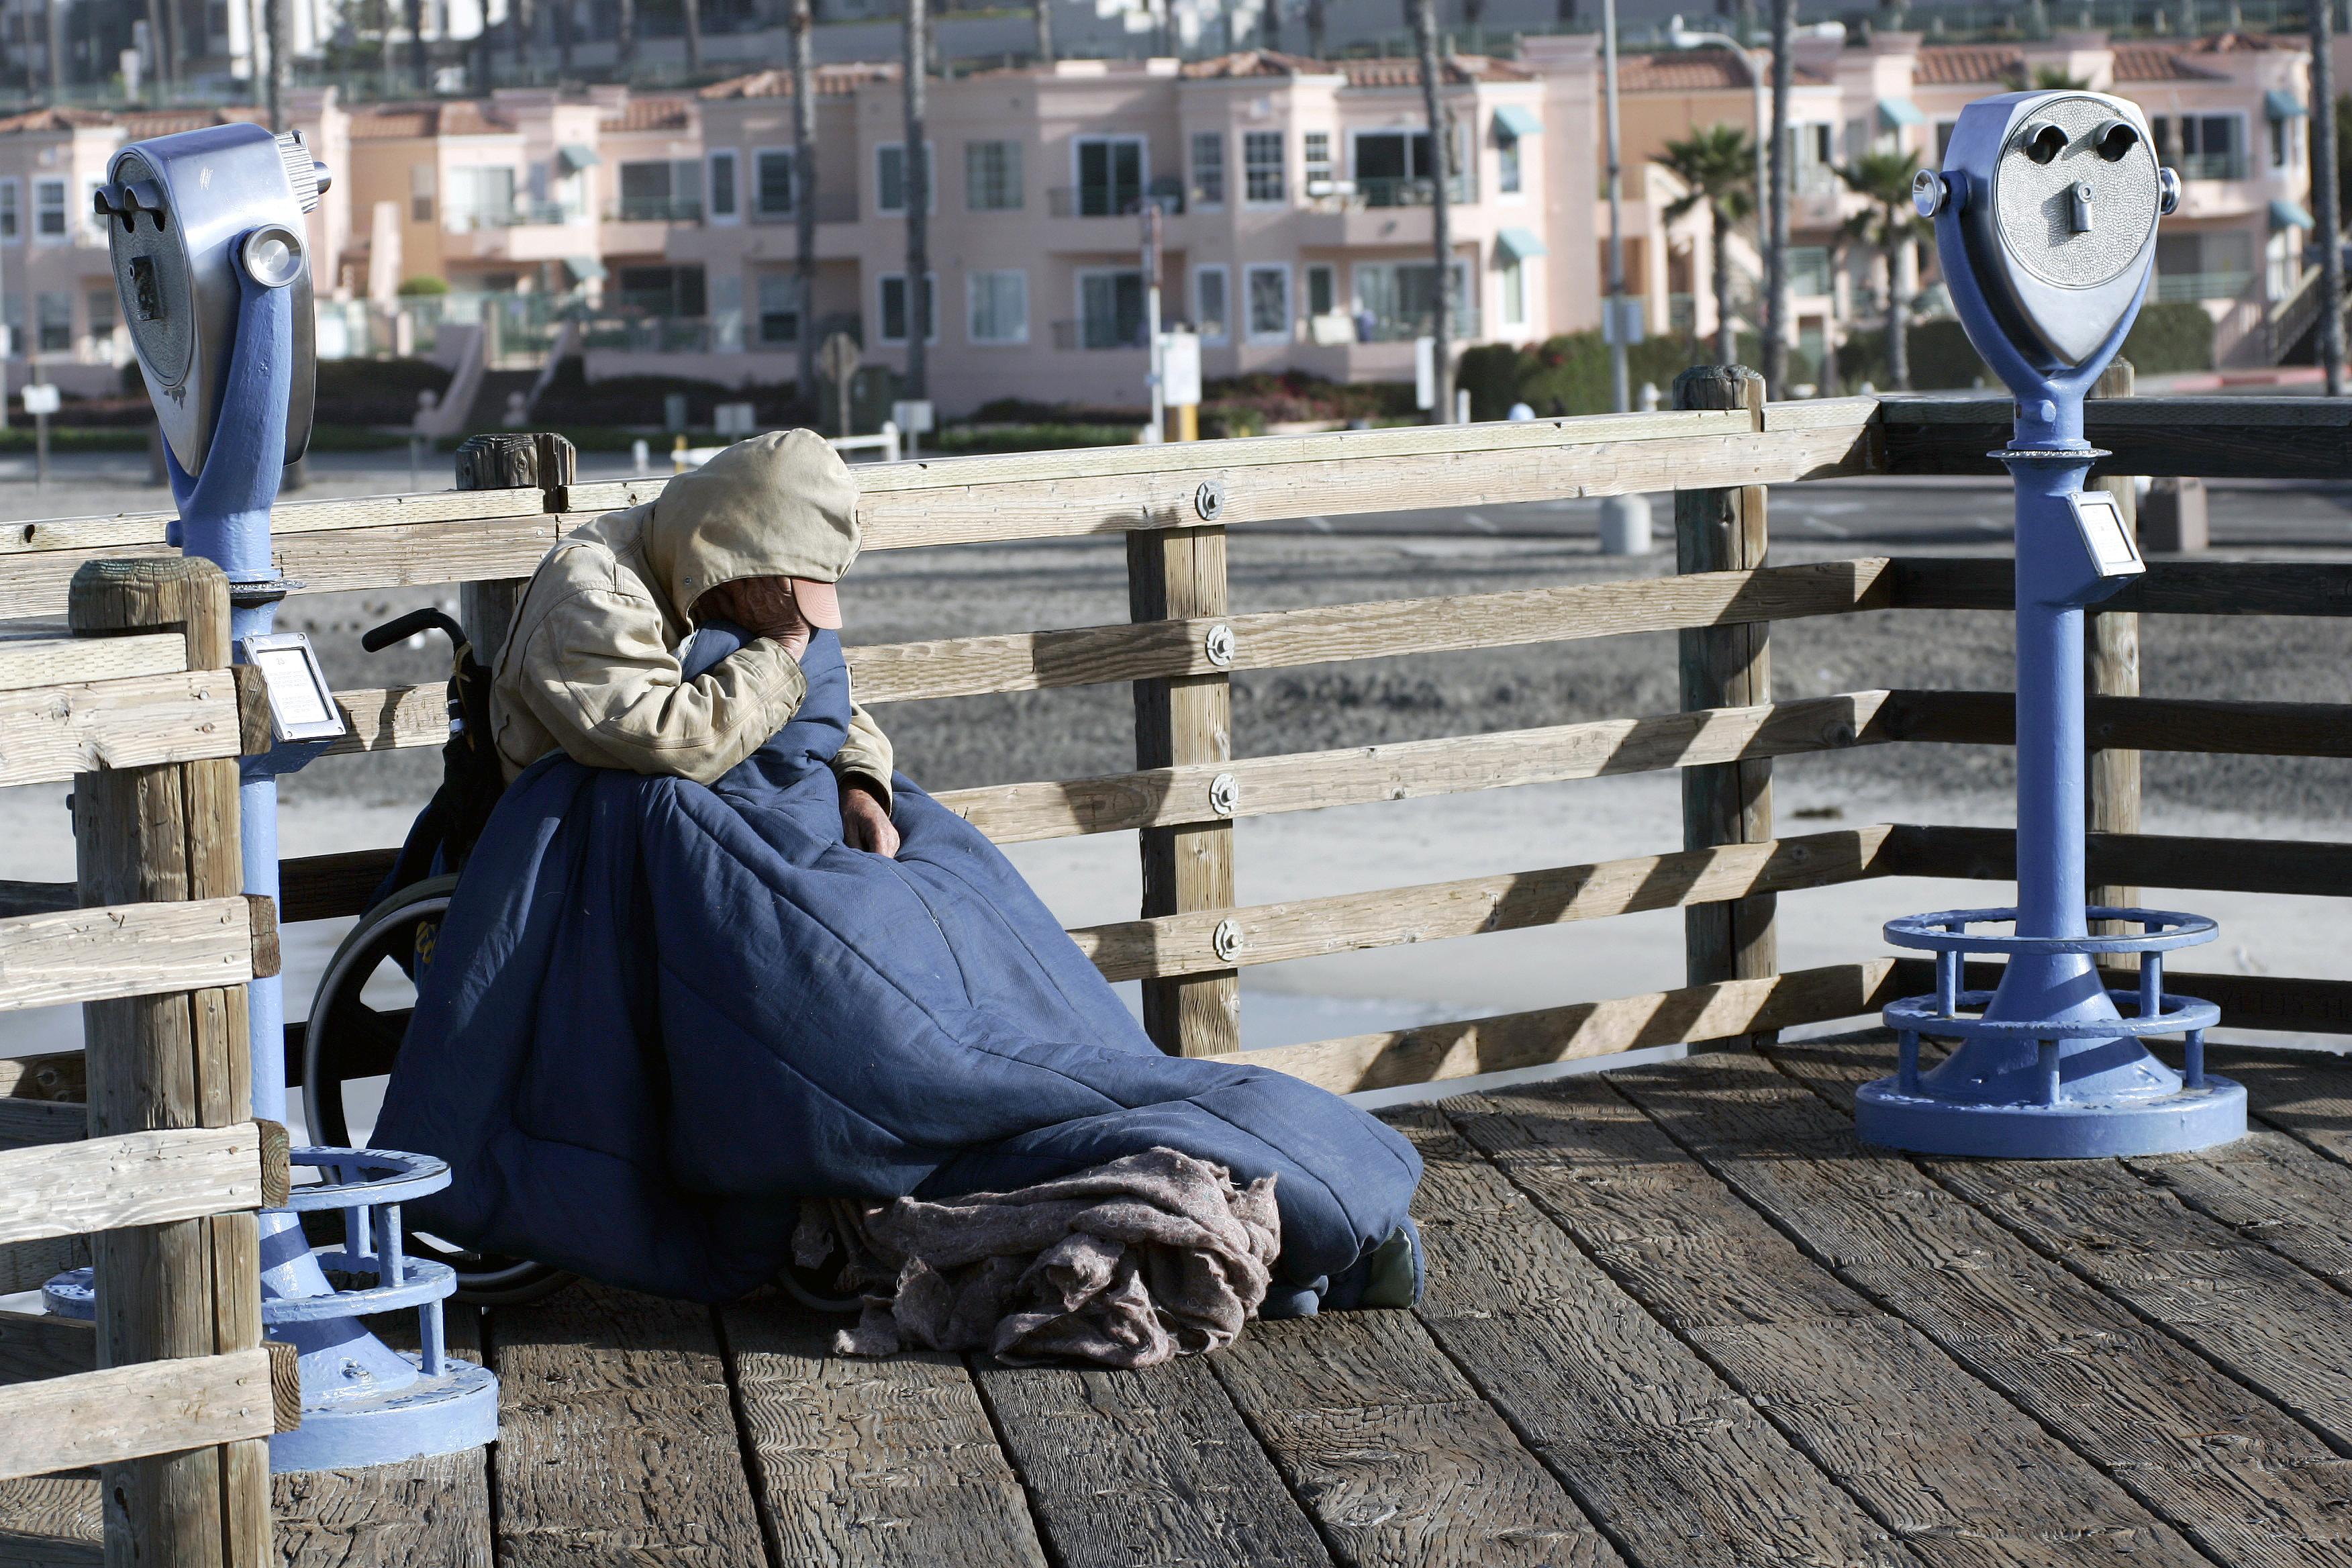 SB1152 Homeless Shelf Stable Meal